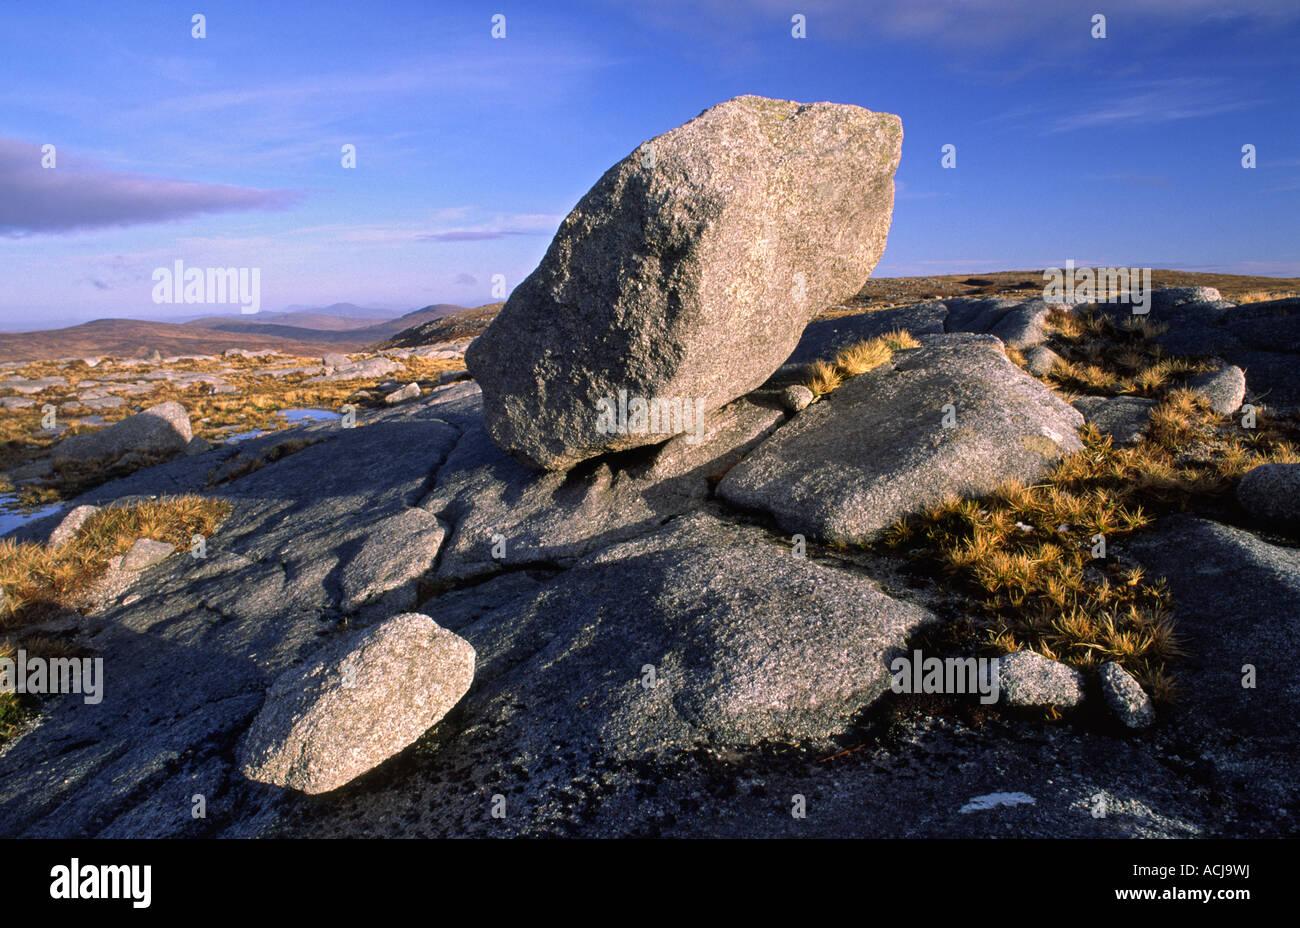 Granito irregolare glaciale vicino alla cima della montagna Moylenanav, Glendowan montagne, County Donegal, Irlanda. Immagini Stock